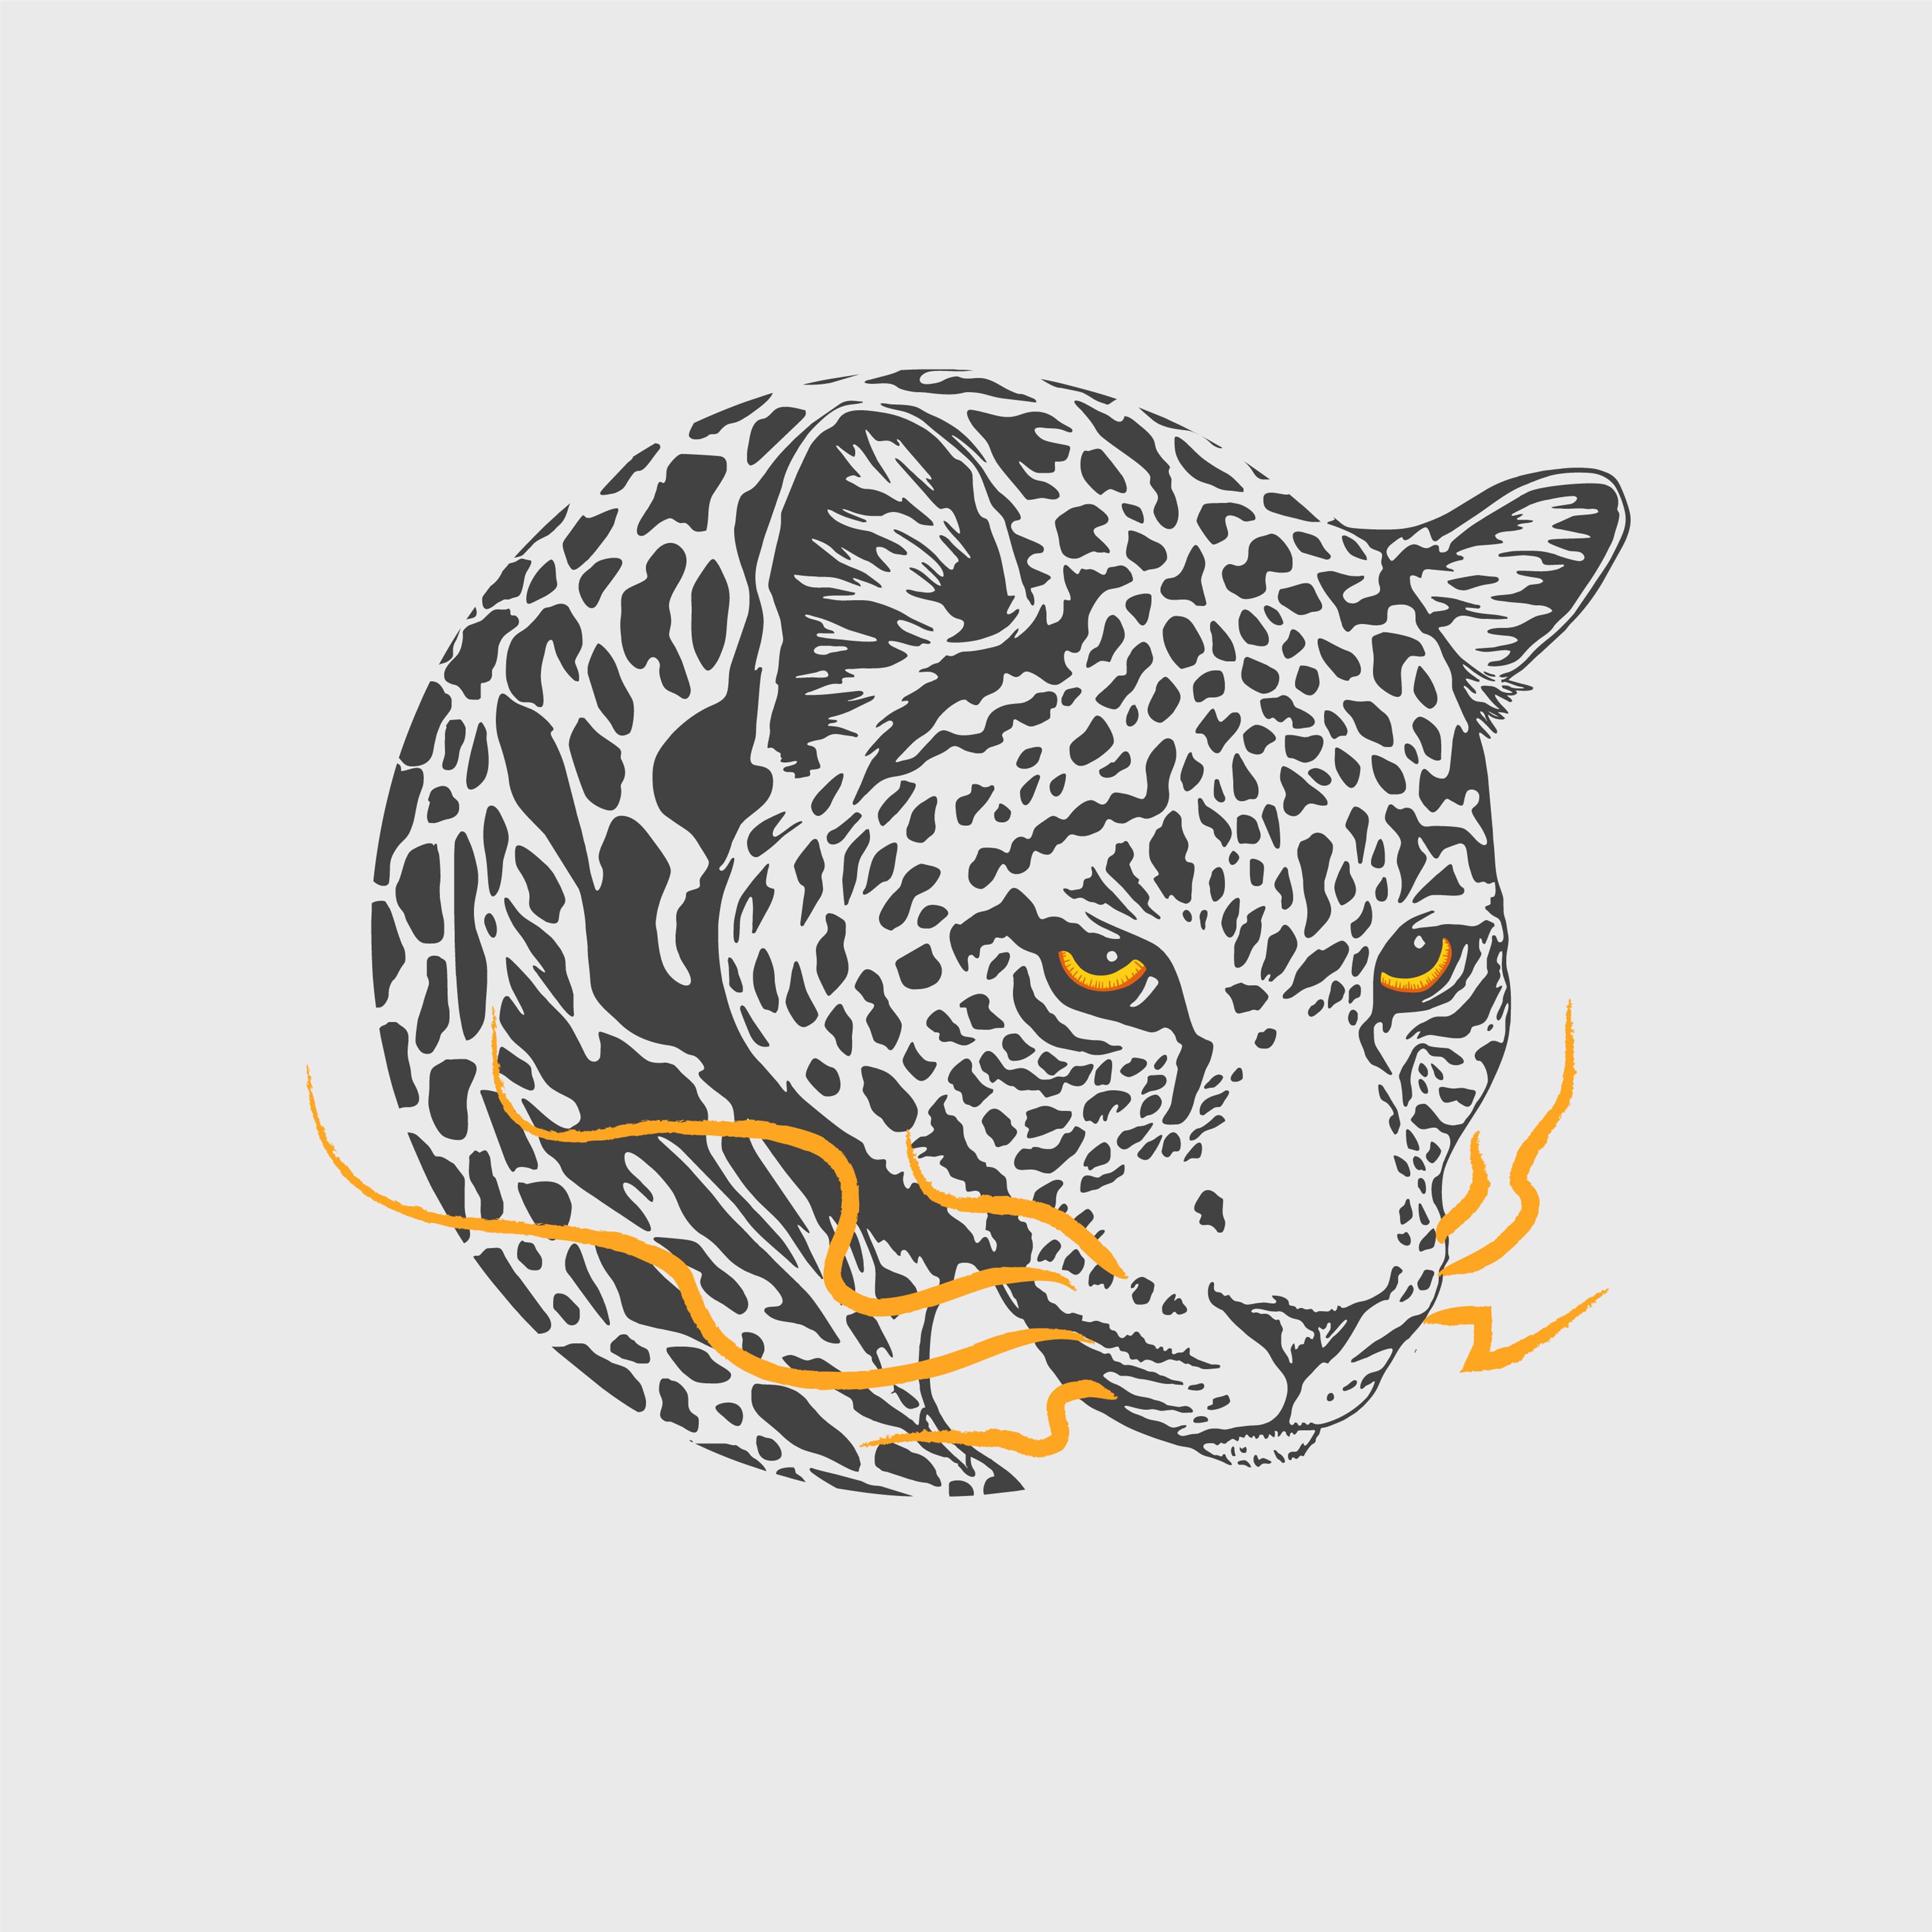 Mascotte De Chaleur Leopard Telecharger Vectoriel Gratuit Clipart Graphique Vecteur Dessins Et Pictogramme Gratuit